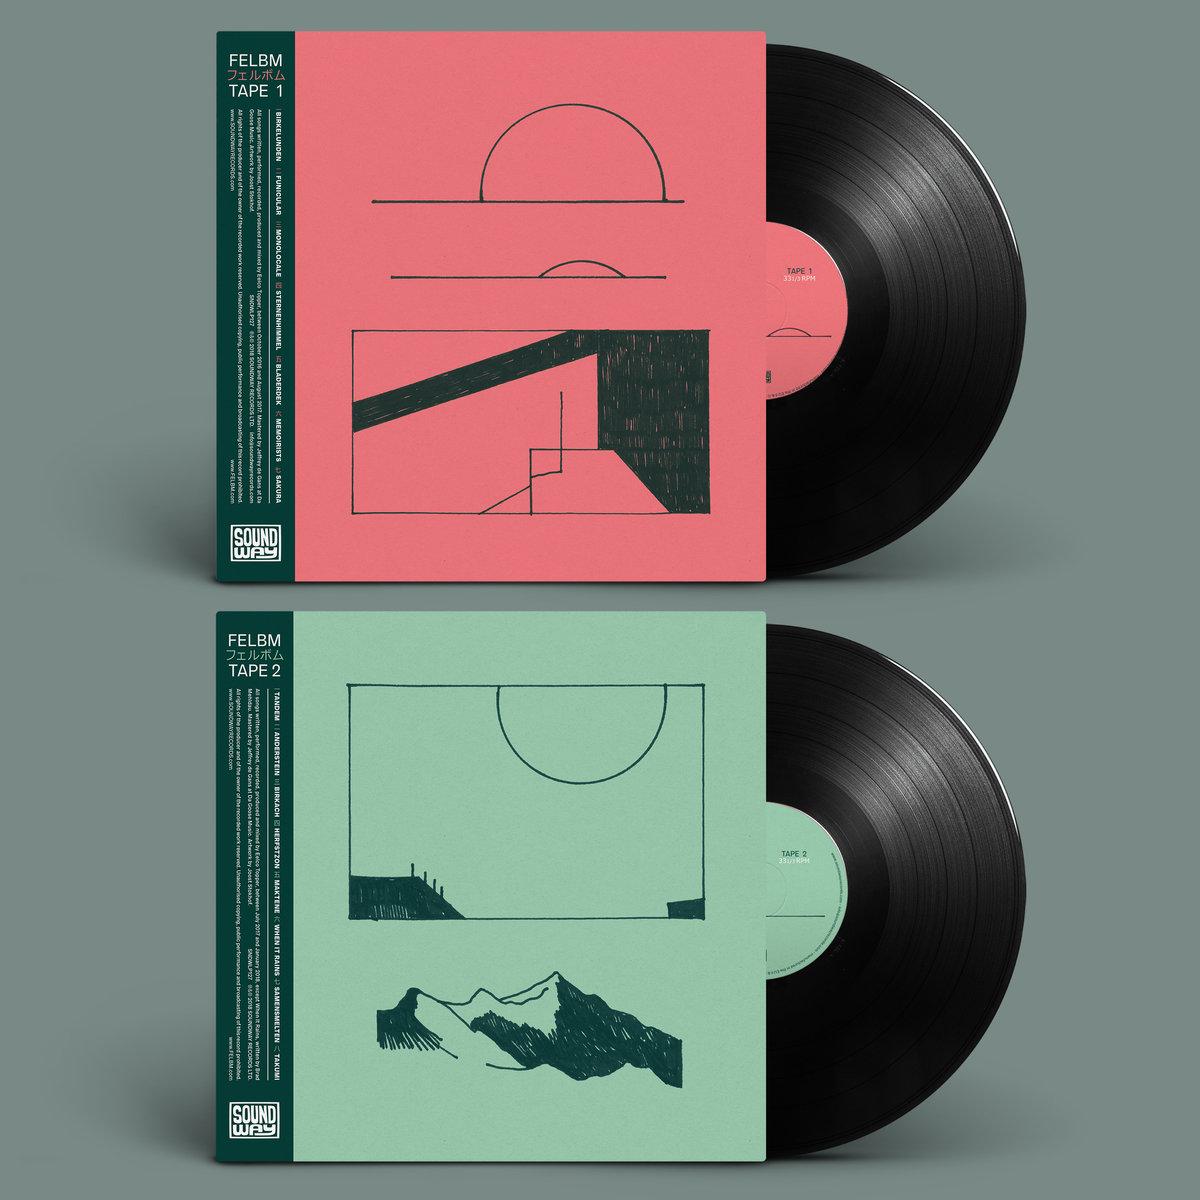 Felbm | Tape 1 Tape 2 art